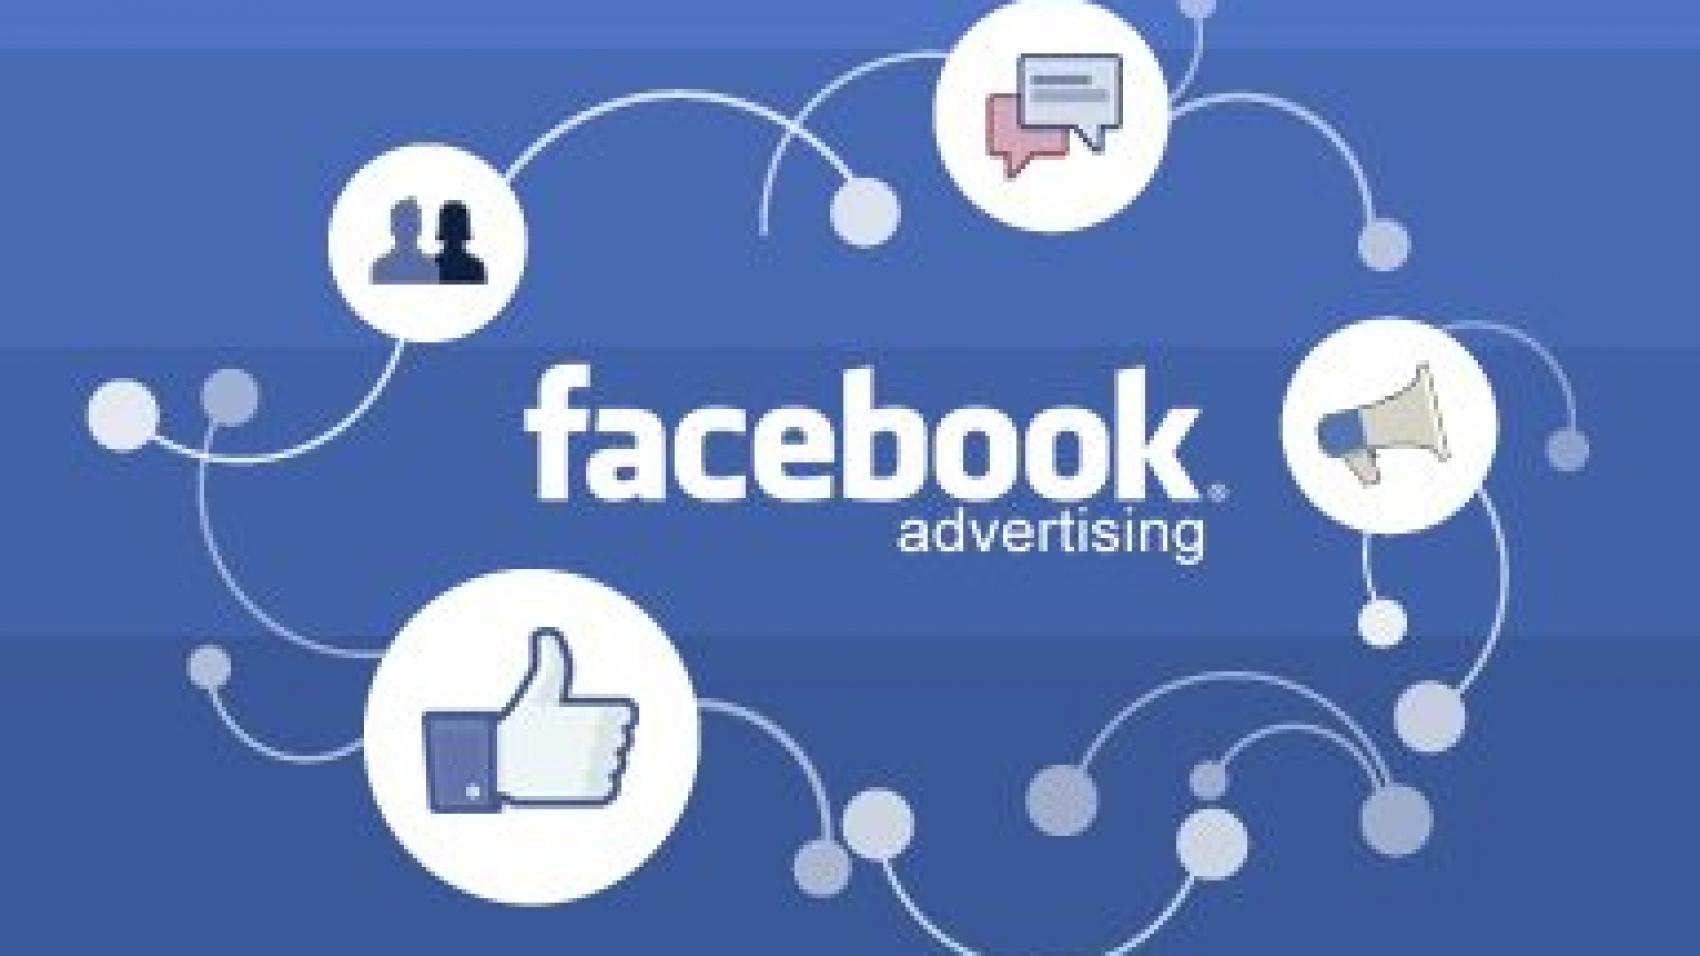 Bảng báo giá dịch vụ chạy quảng cáo Facebook Ads giá rẻ nhất hiện nay